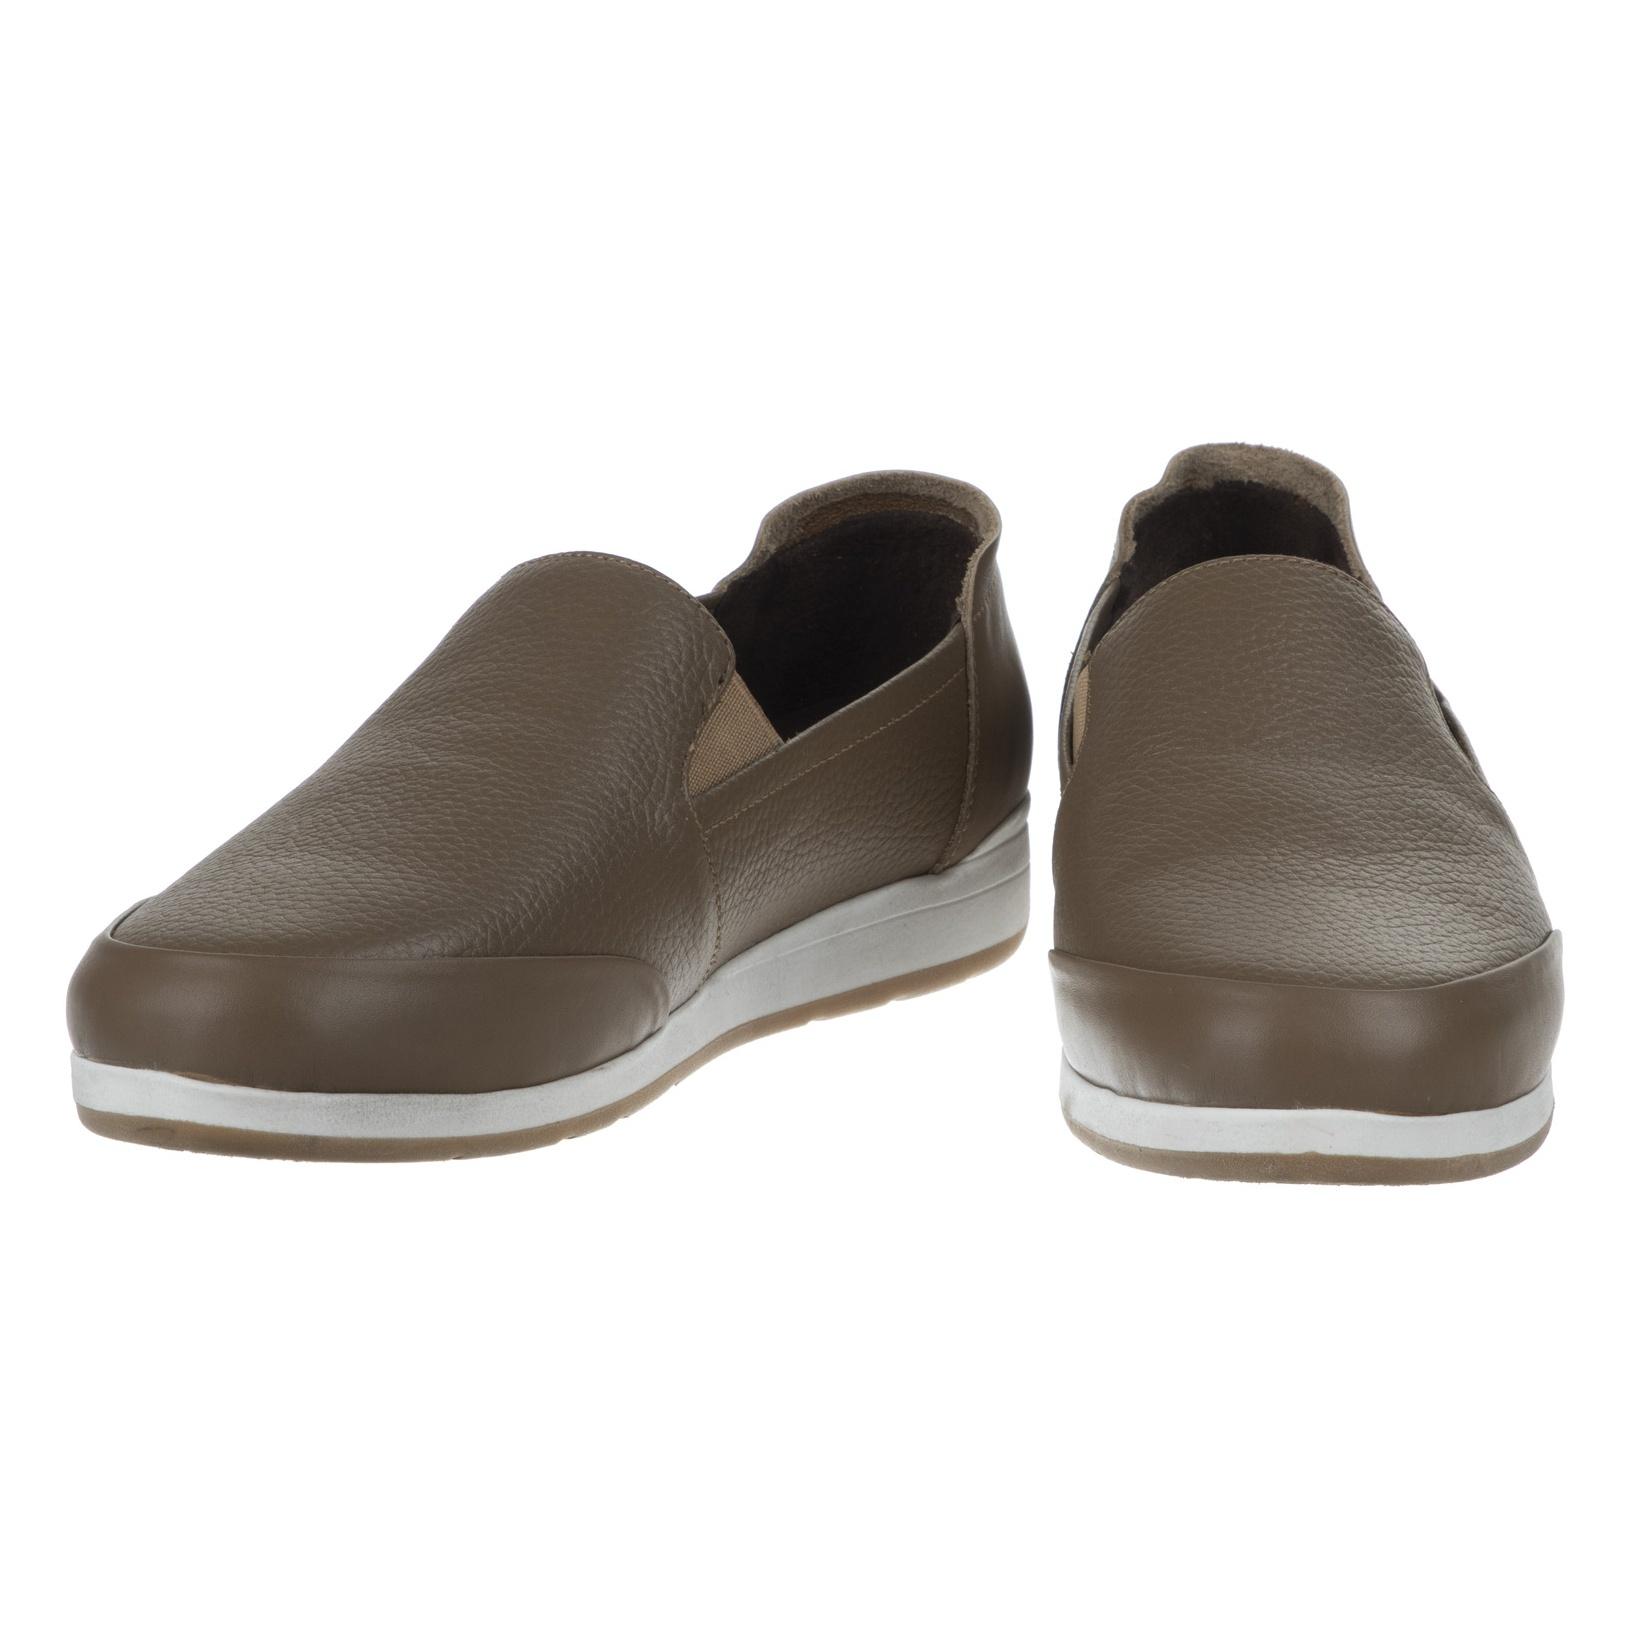 کفش روزمره نه شیفر مدل 5275A-106